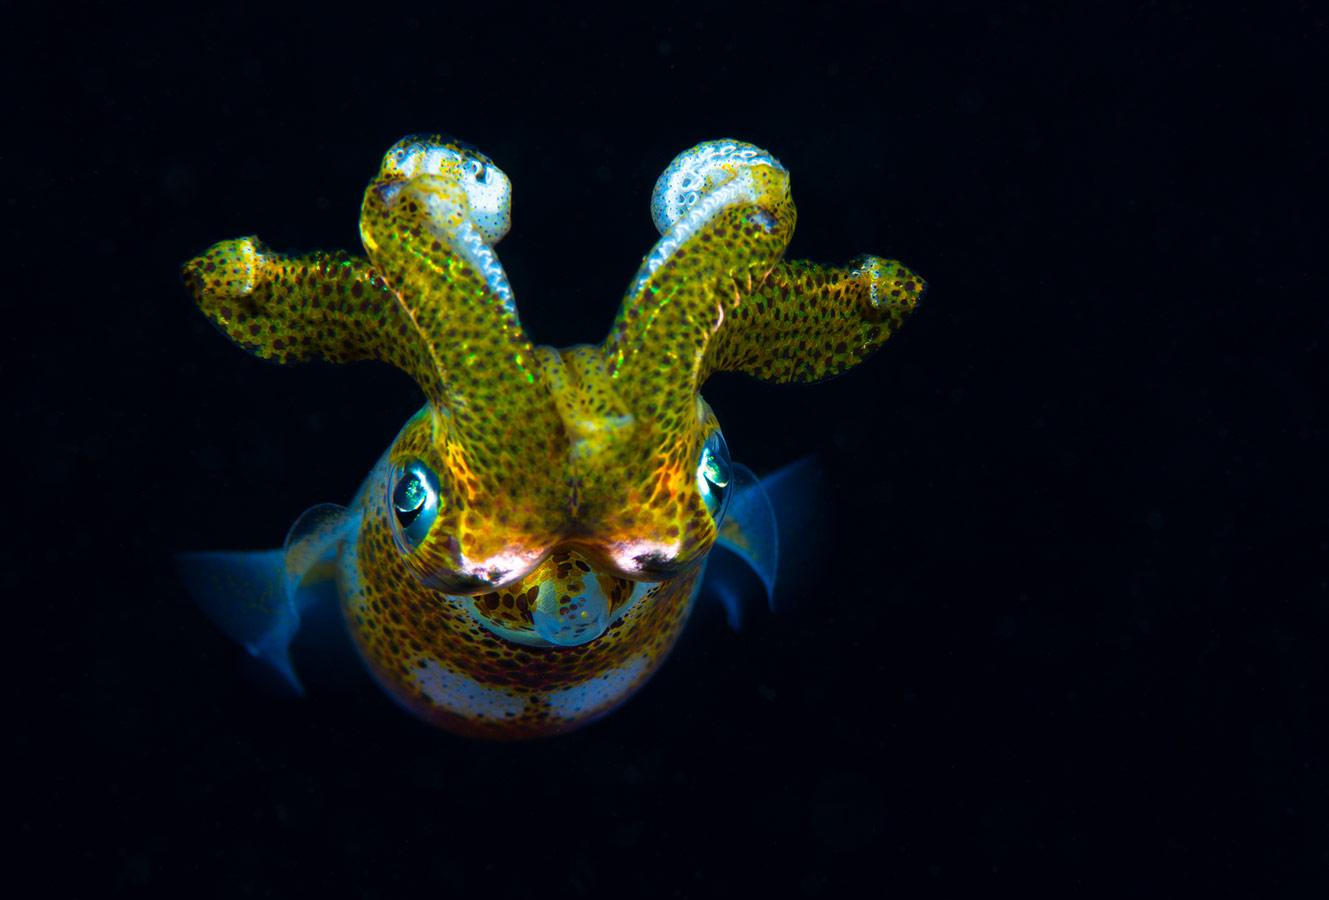 Ночной охотник, © Юрий Иванов, Анималистика, 2 место - Профессионал, Фотоконкурс Nikon «Я в сердце изображения»